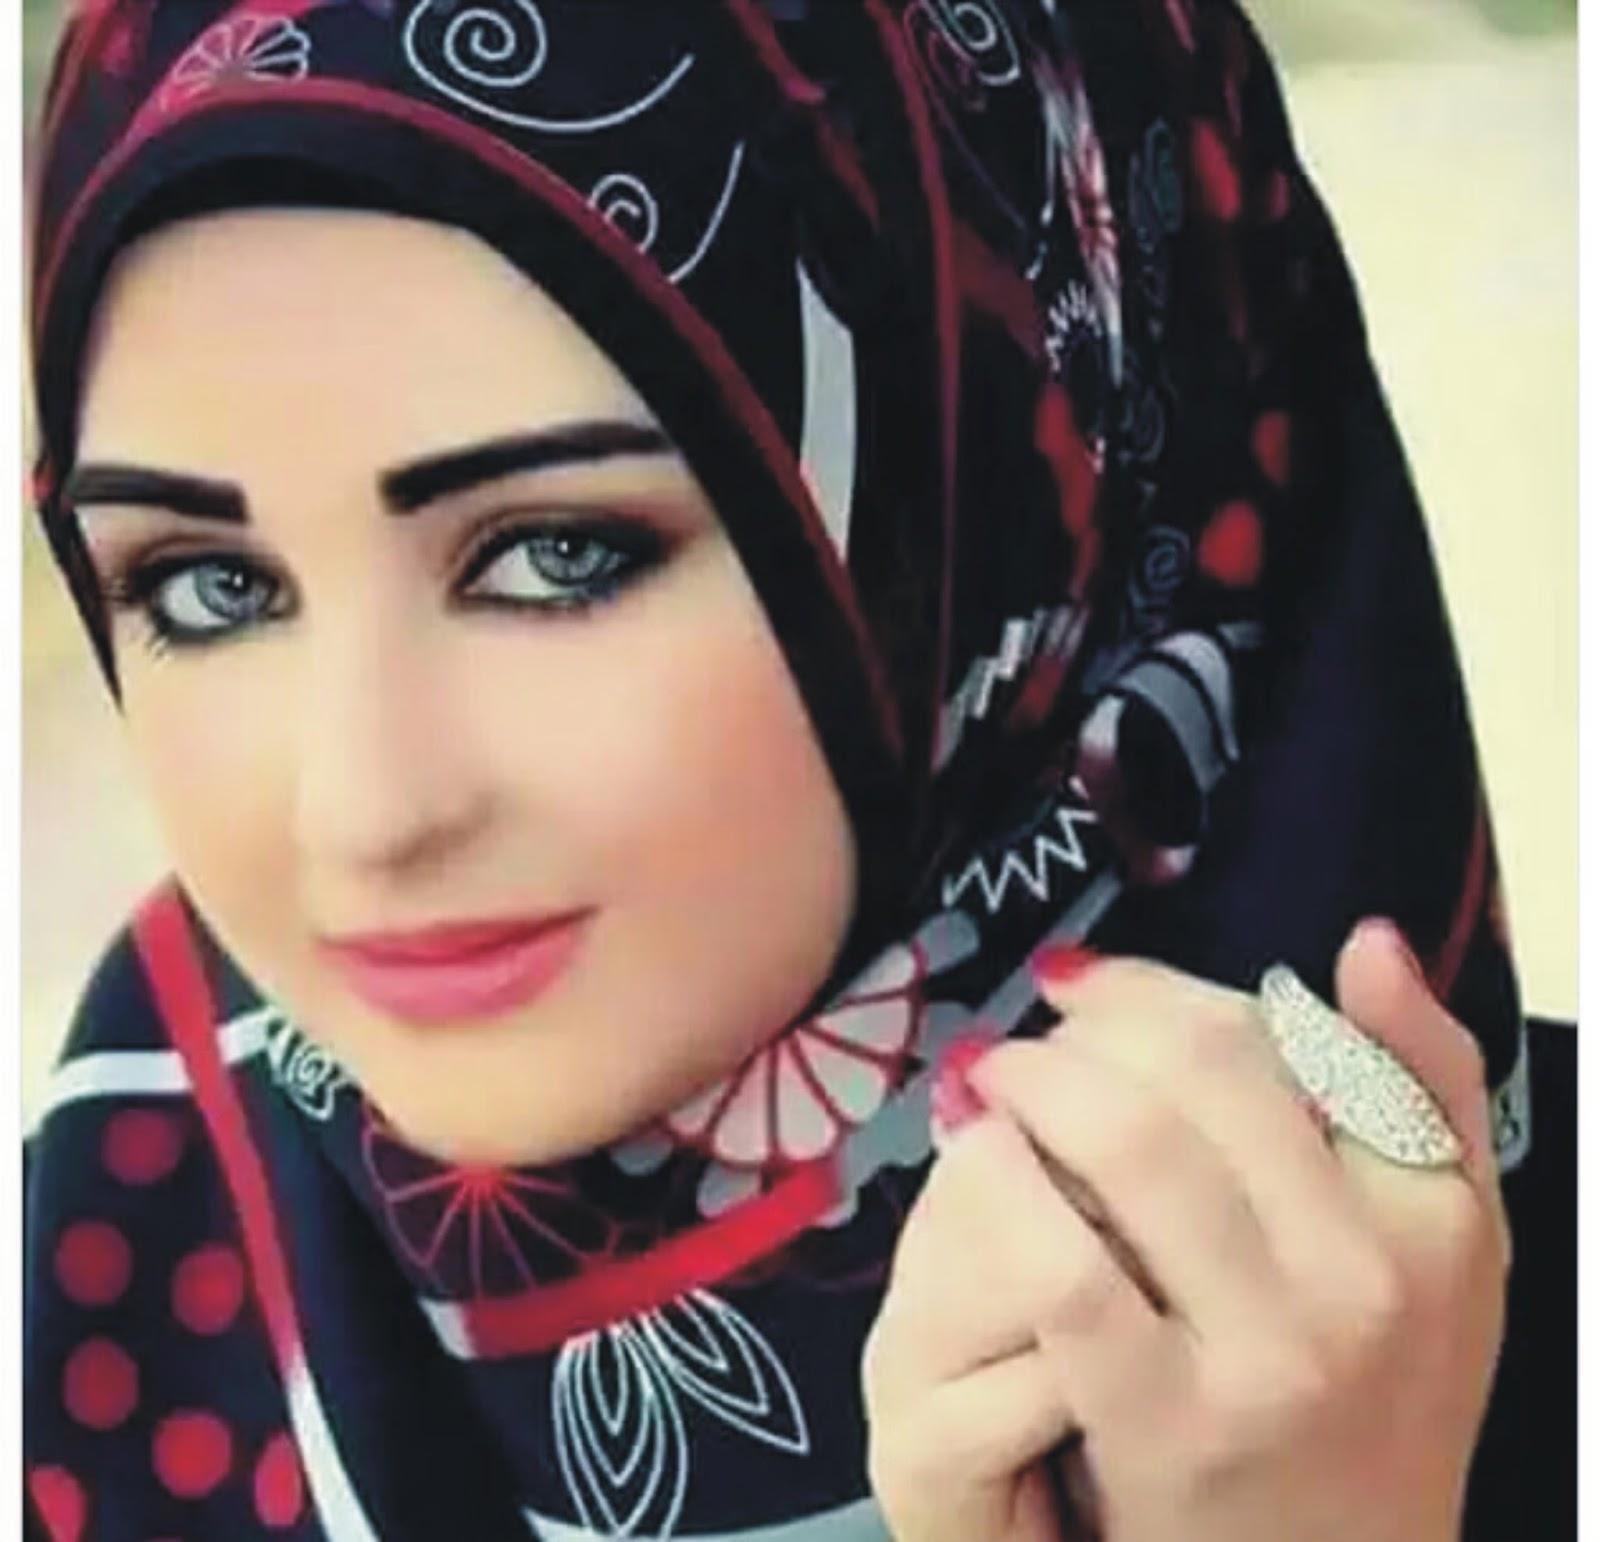 بالصور صور بنات جميله , بنات حلوة كيوت زي القمر 4129 2